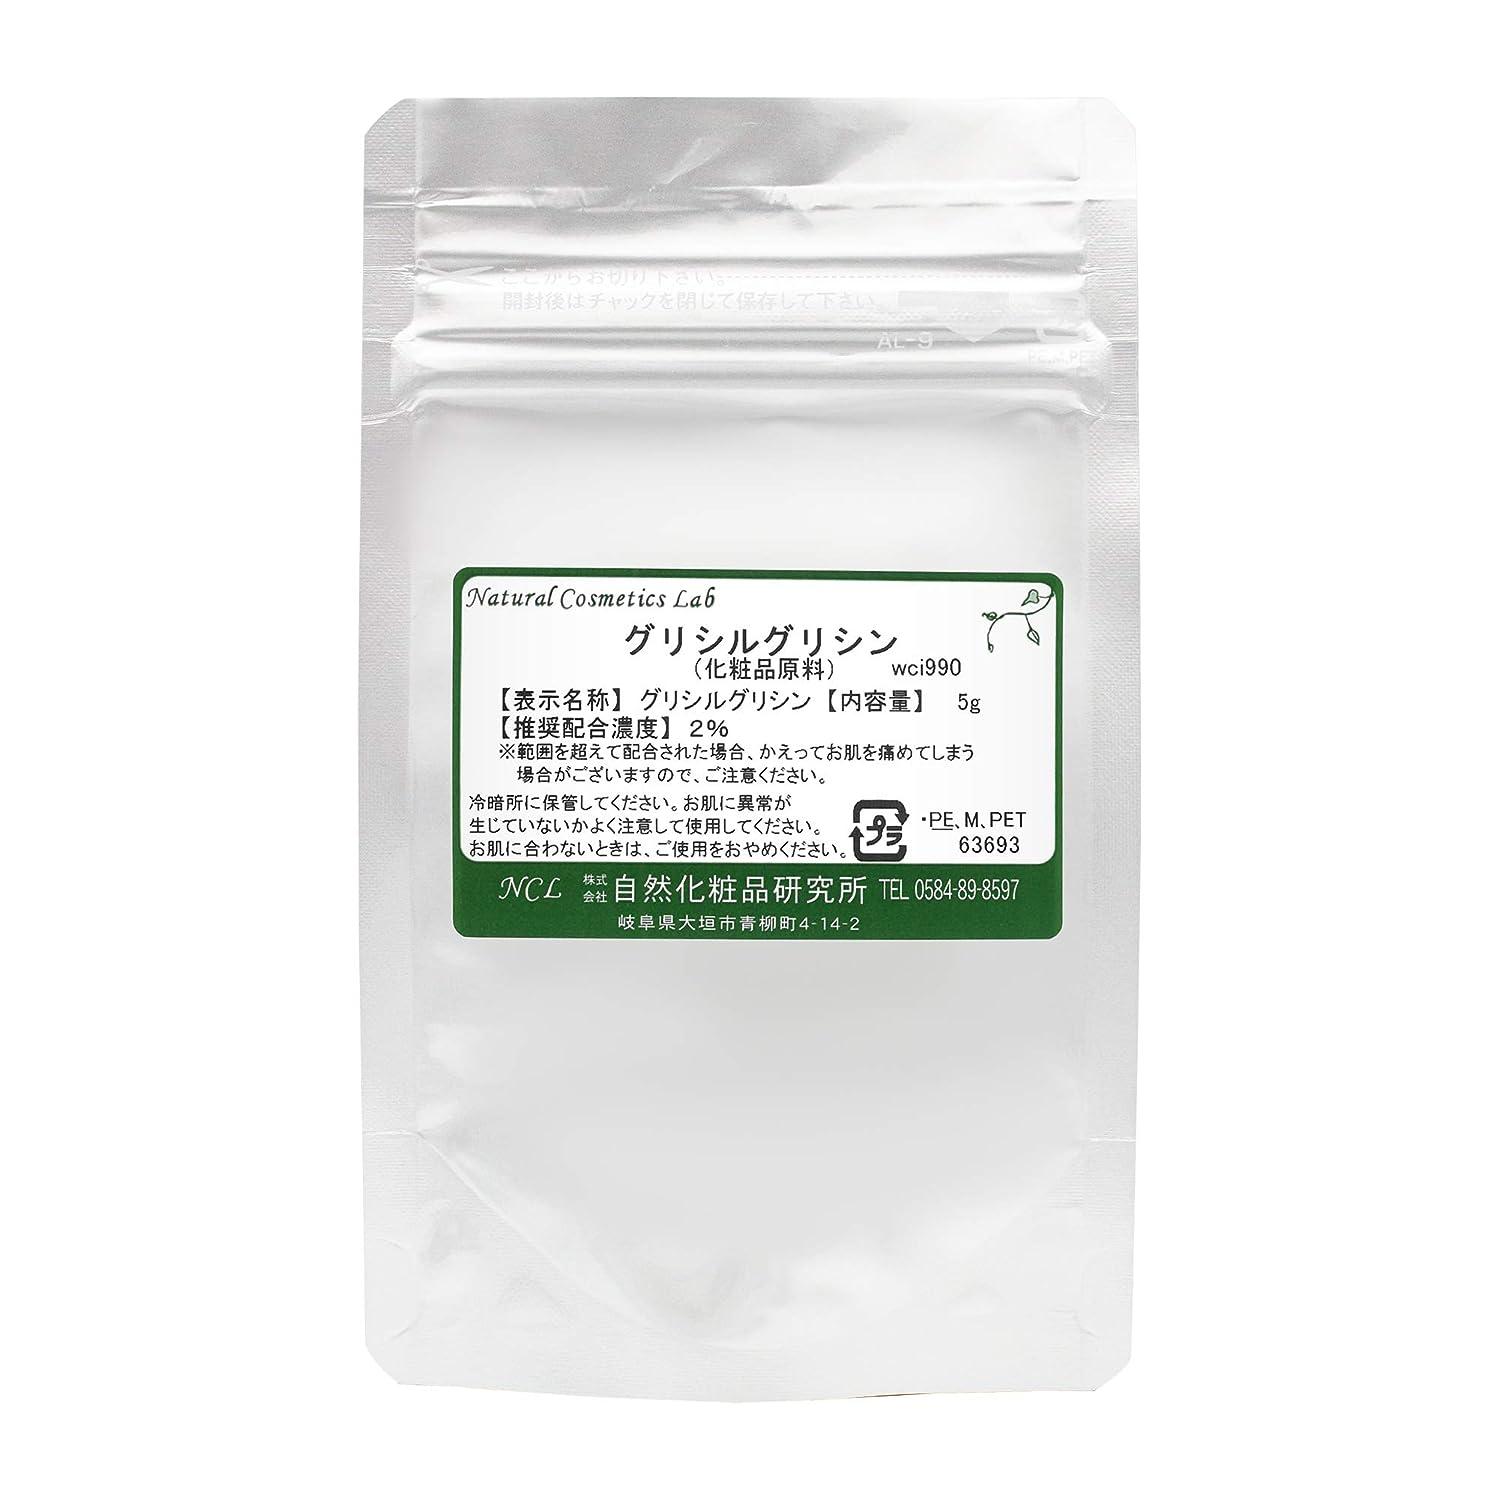 アルカトラズ島脱臼する幸運グリシルグリシン (GG) 化粧品原料 5g